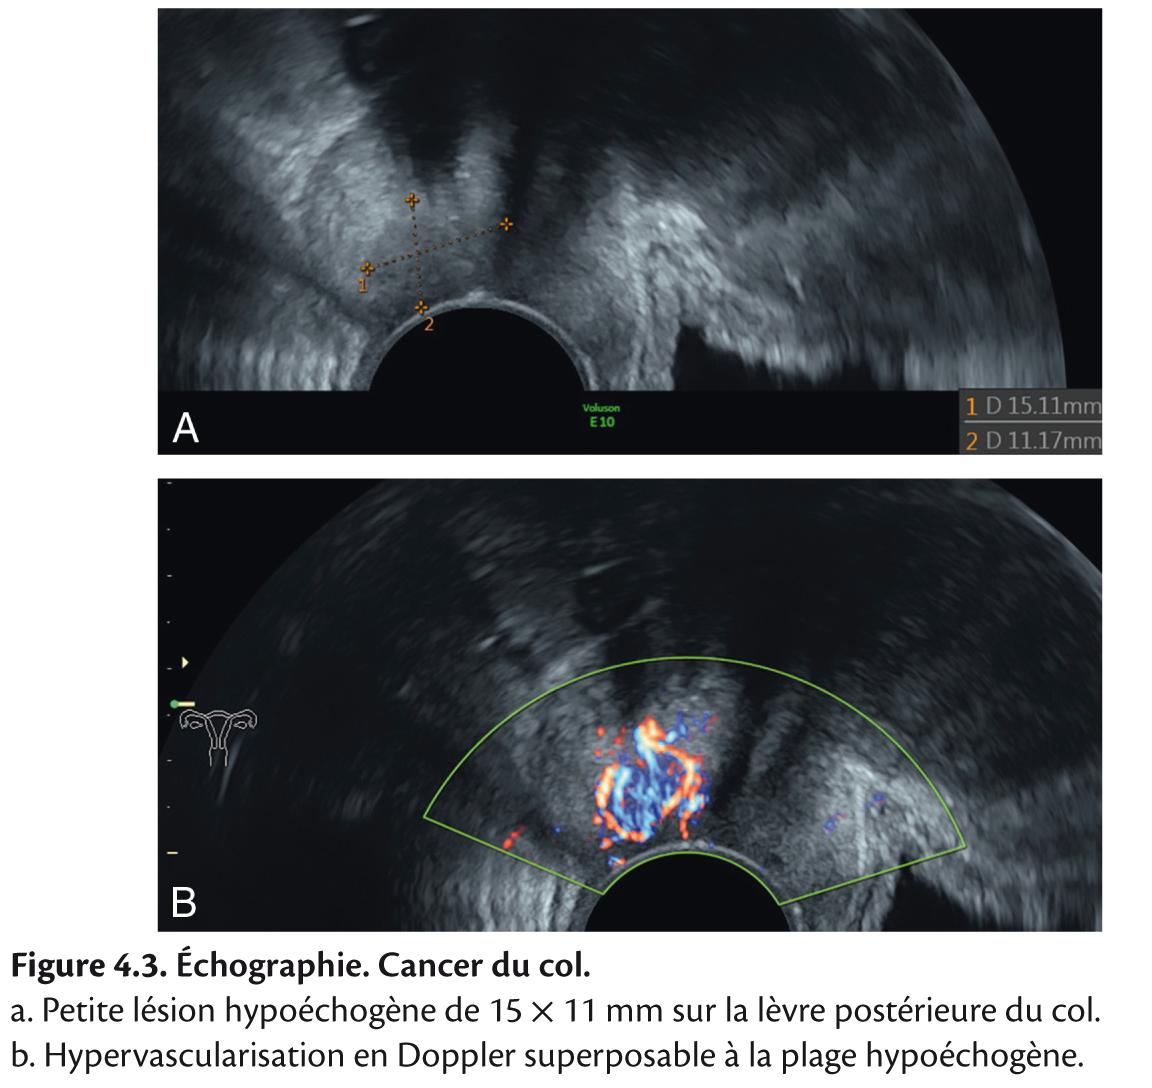 Figure 4.3. Échographie. Cancer du col.